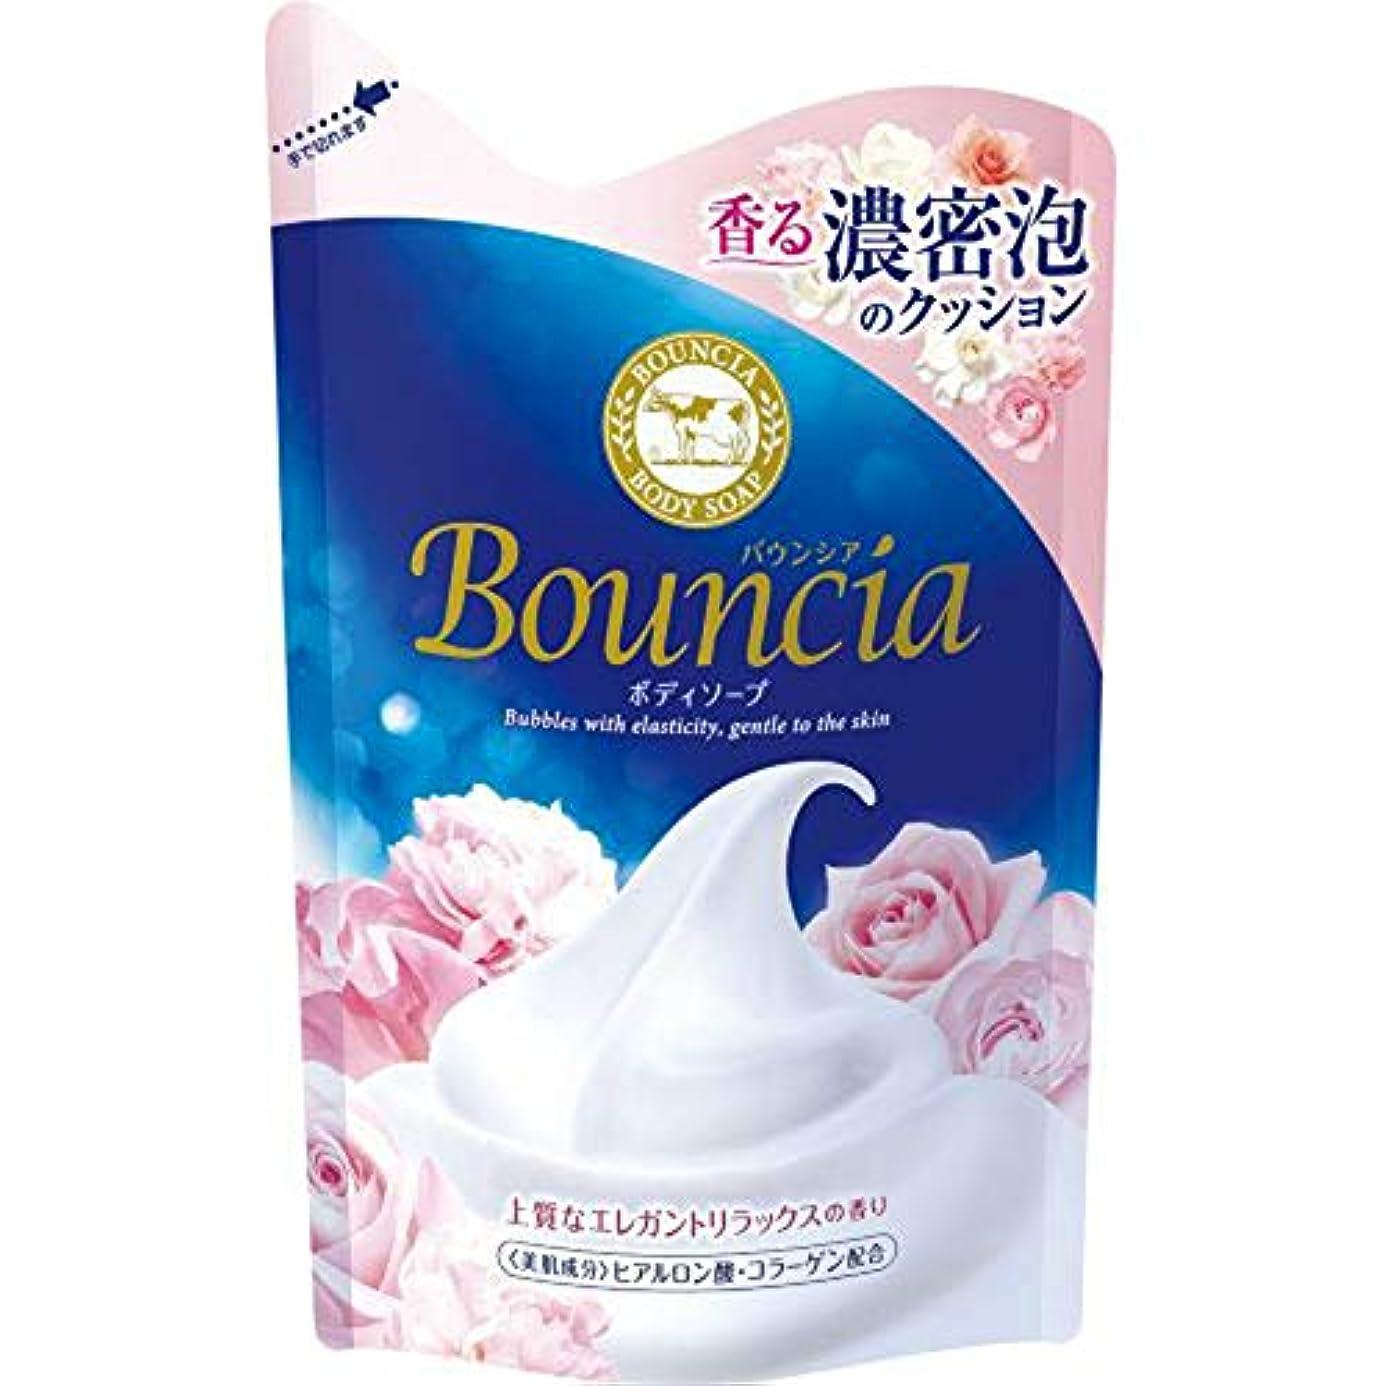 クロール開業医ずっとバウンシア ボディソープ エレガントリラックスの香り 詰替え 430mL